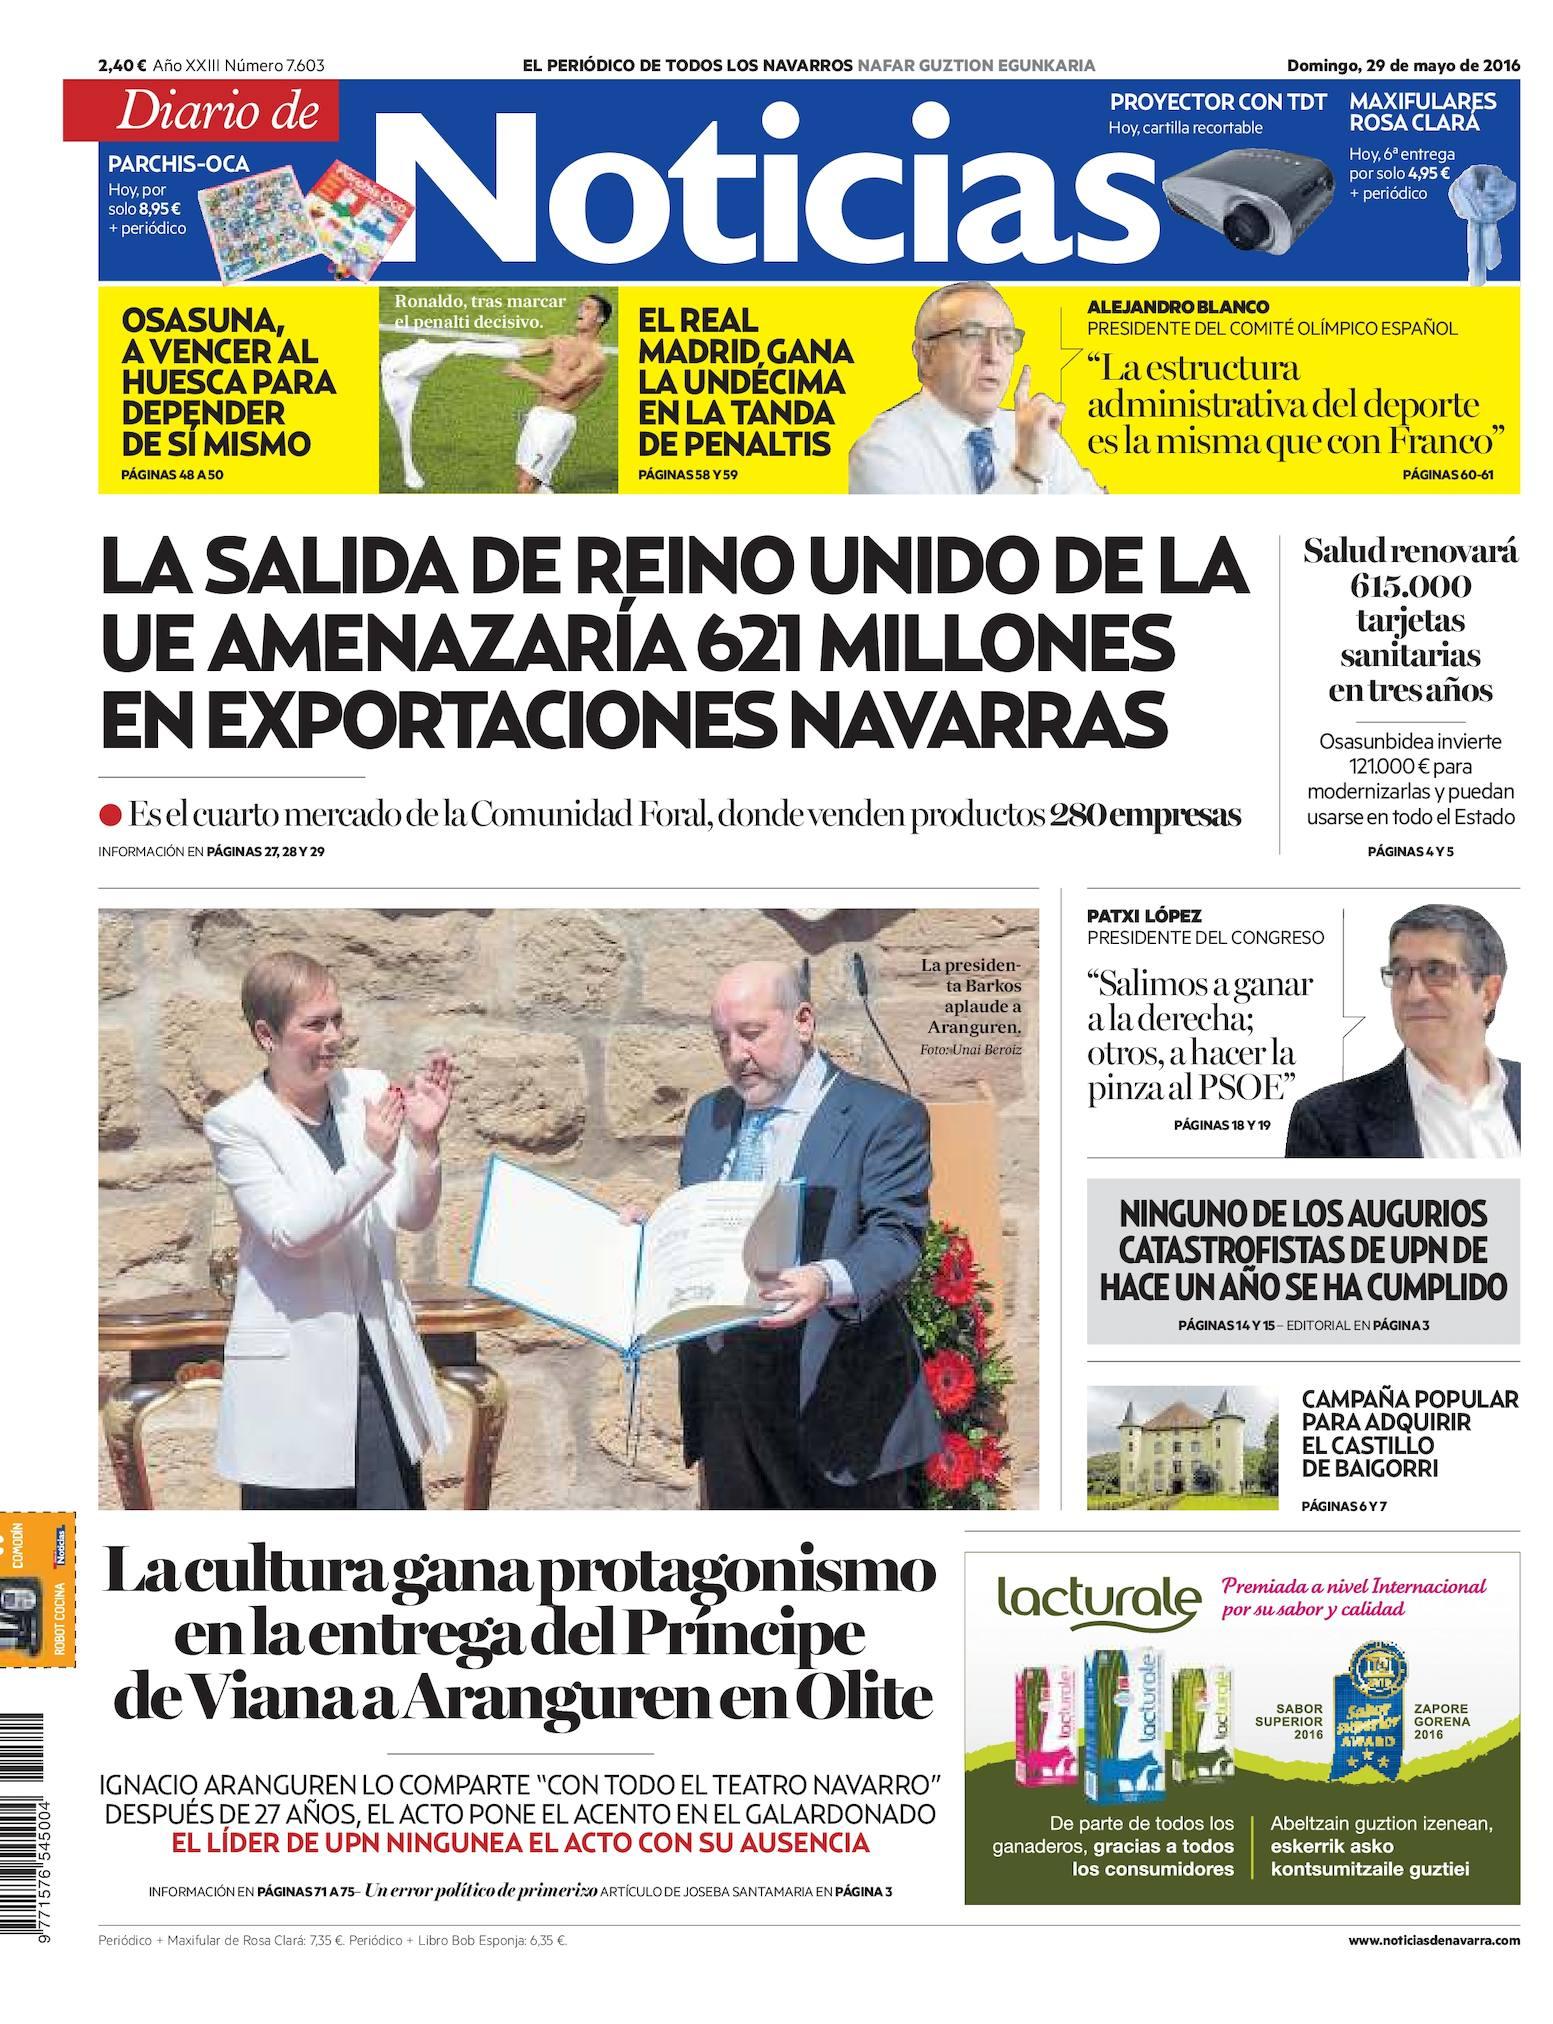 Calaméo - Diario de Noticias 20160529 955ea614b3b